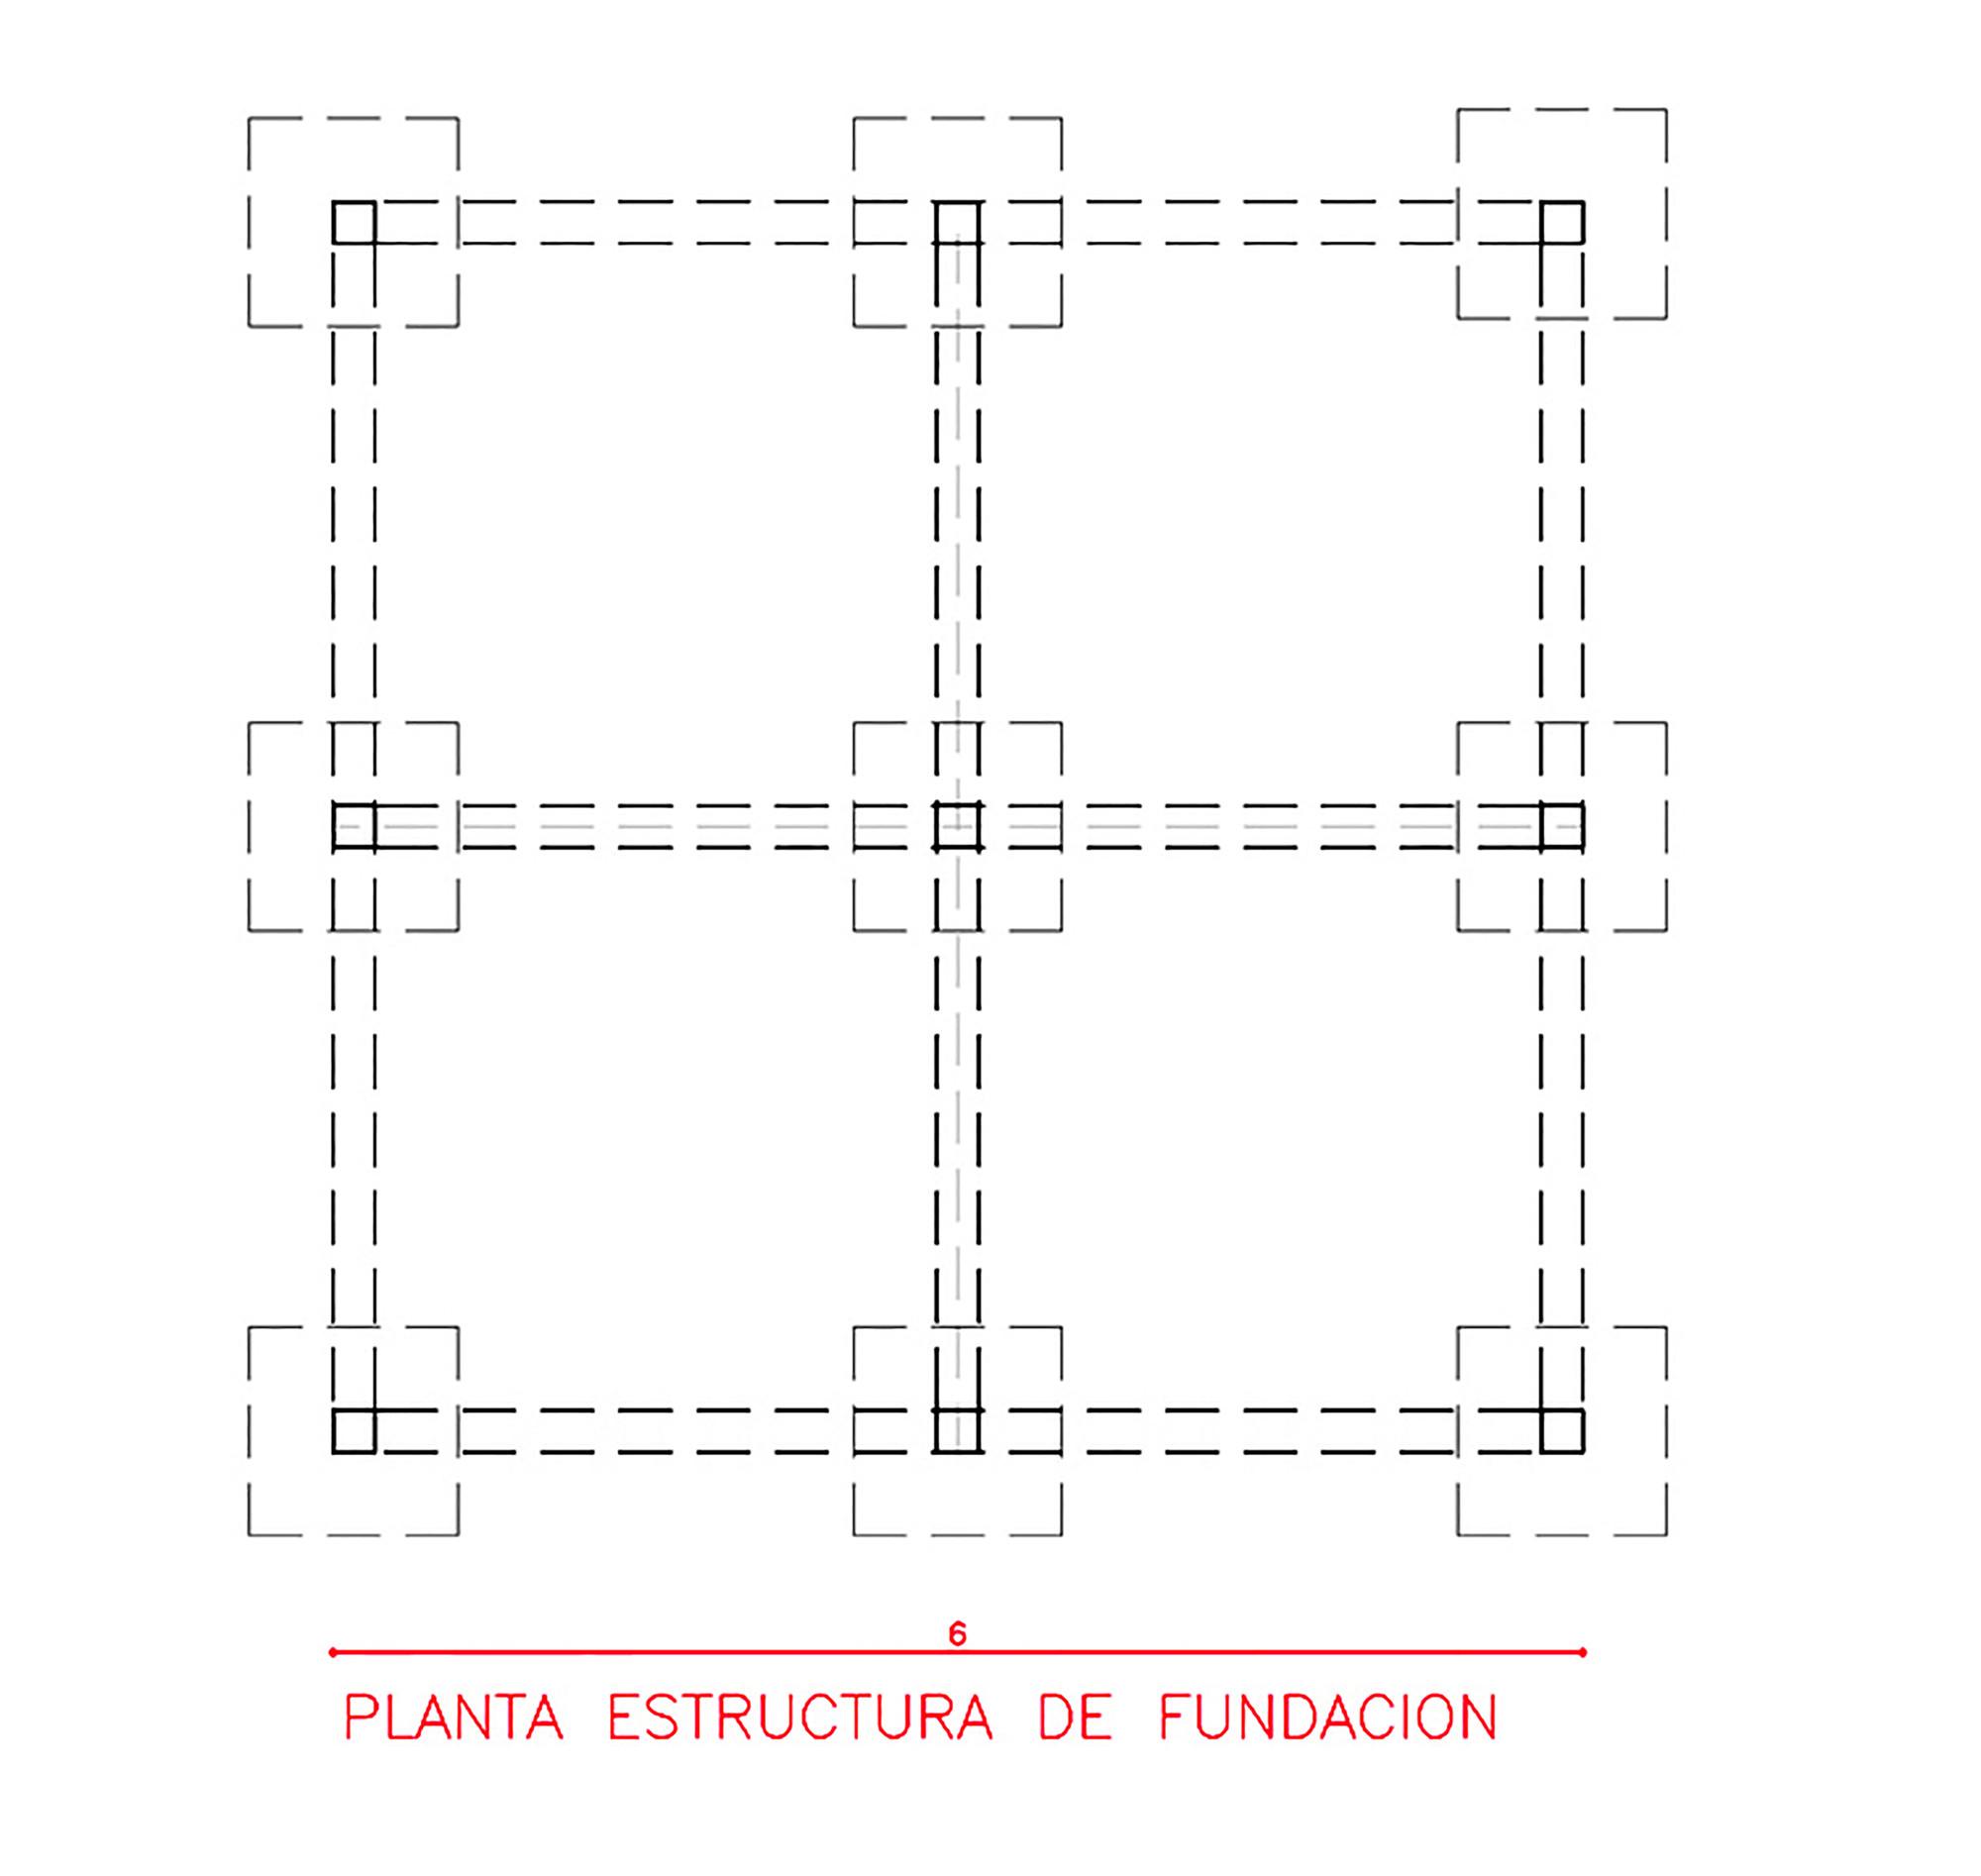 Galeria de cabana delta atot 16 for Estructura arquitectura